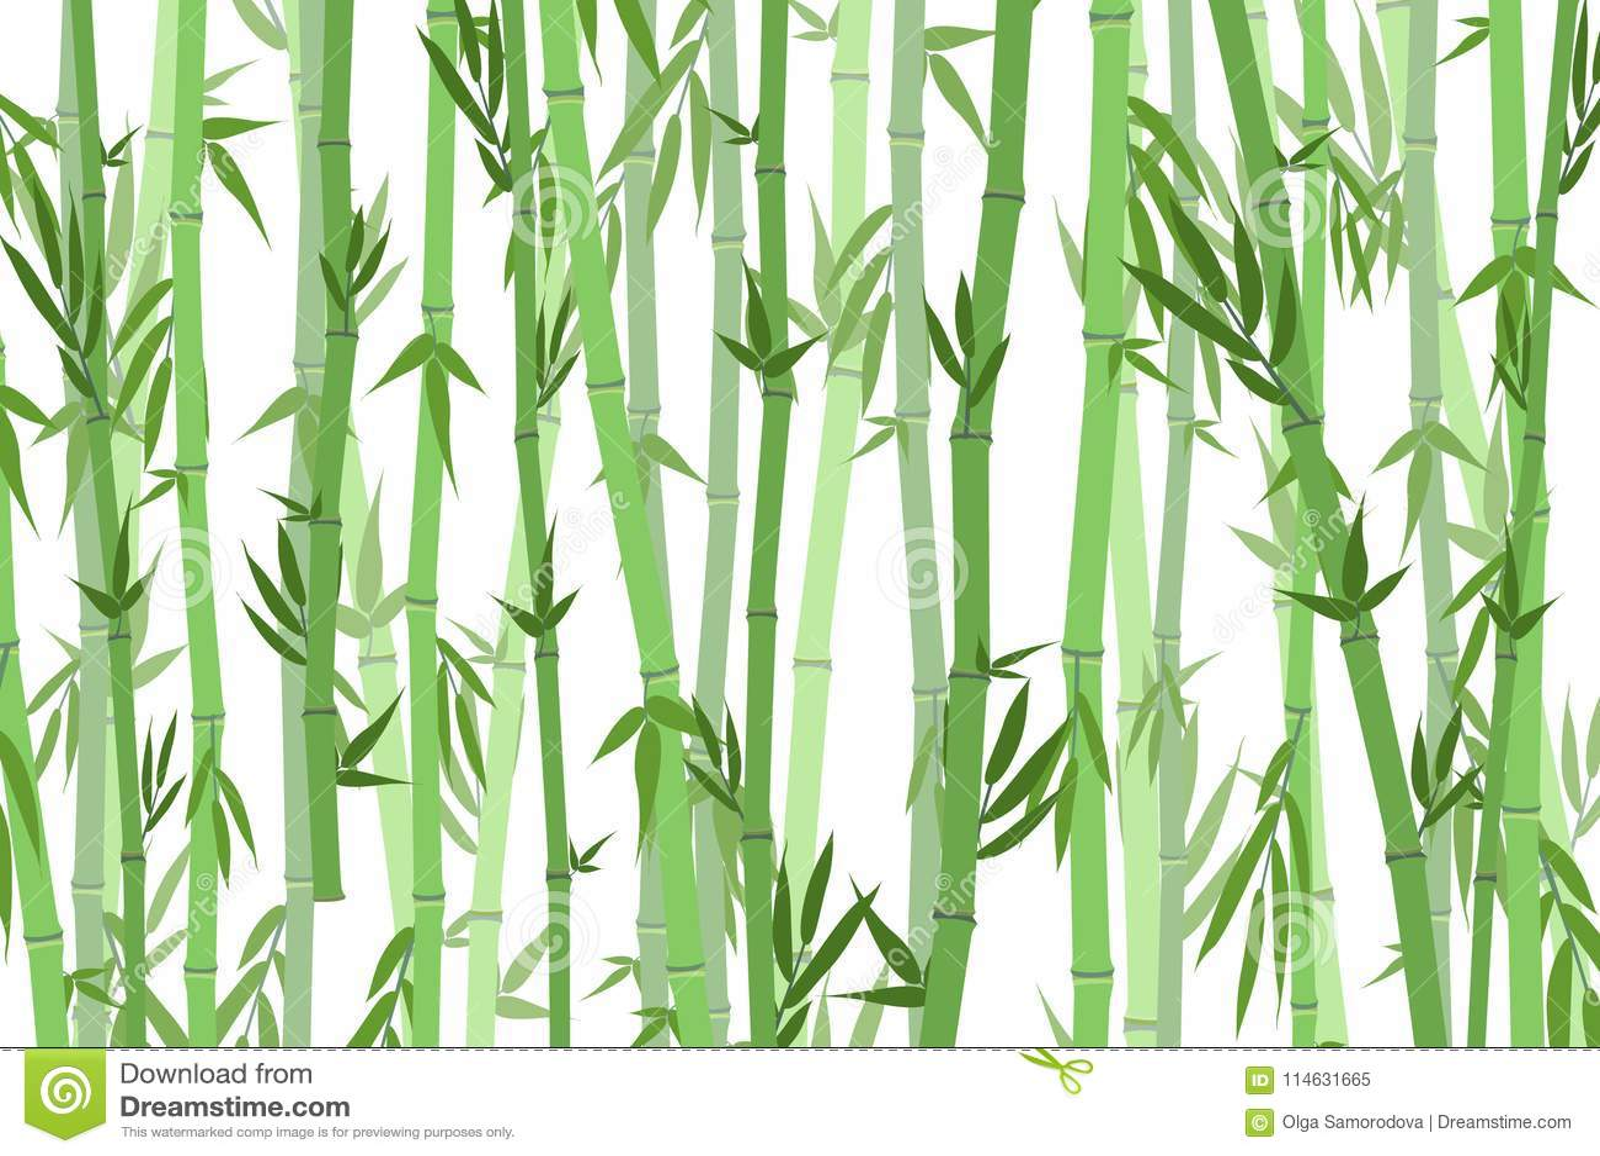 Bambu Forest Landscape Background dos desenhos animados Vetor